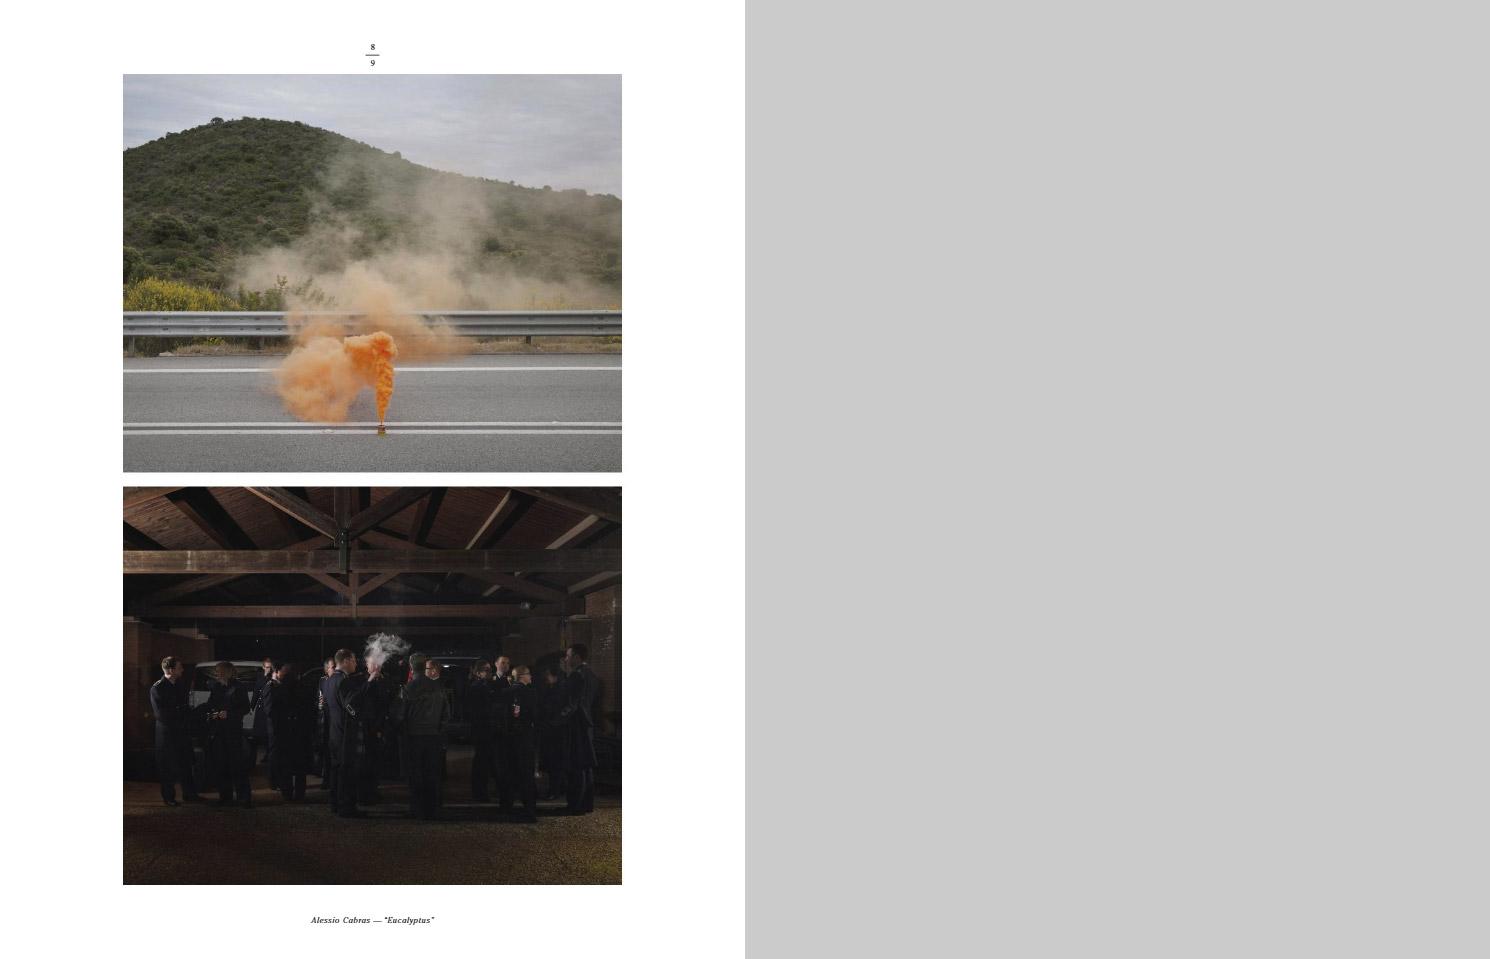 Эвкалипт © Алессио Кабрас, Фотоконкурс «Начинающий фотограф» — Emerging Photographer